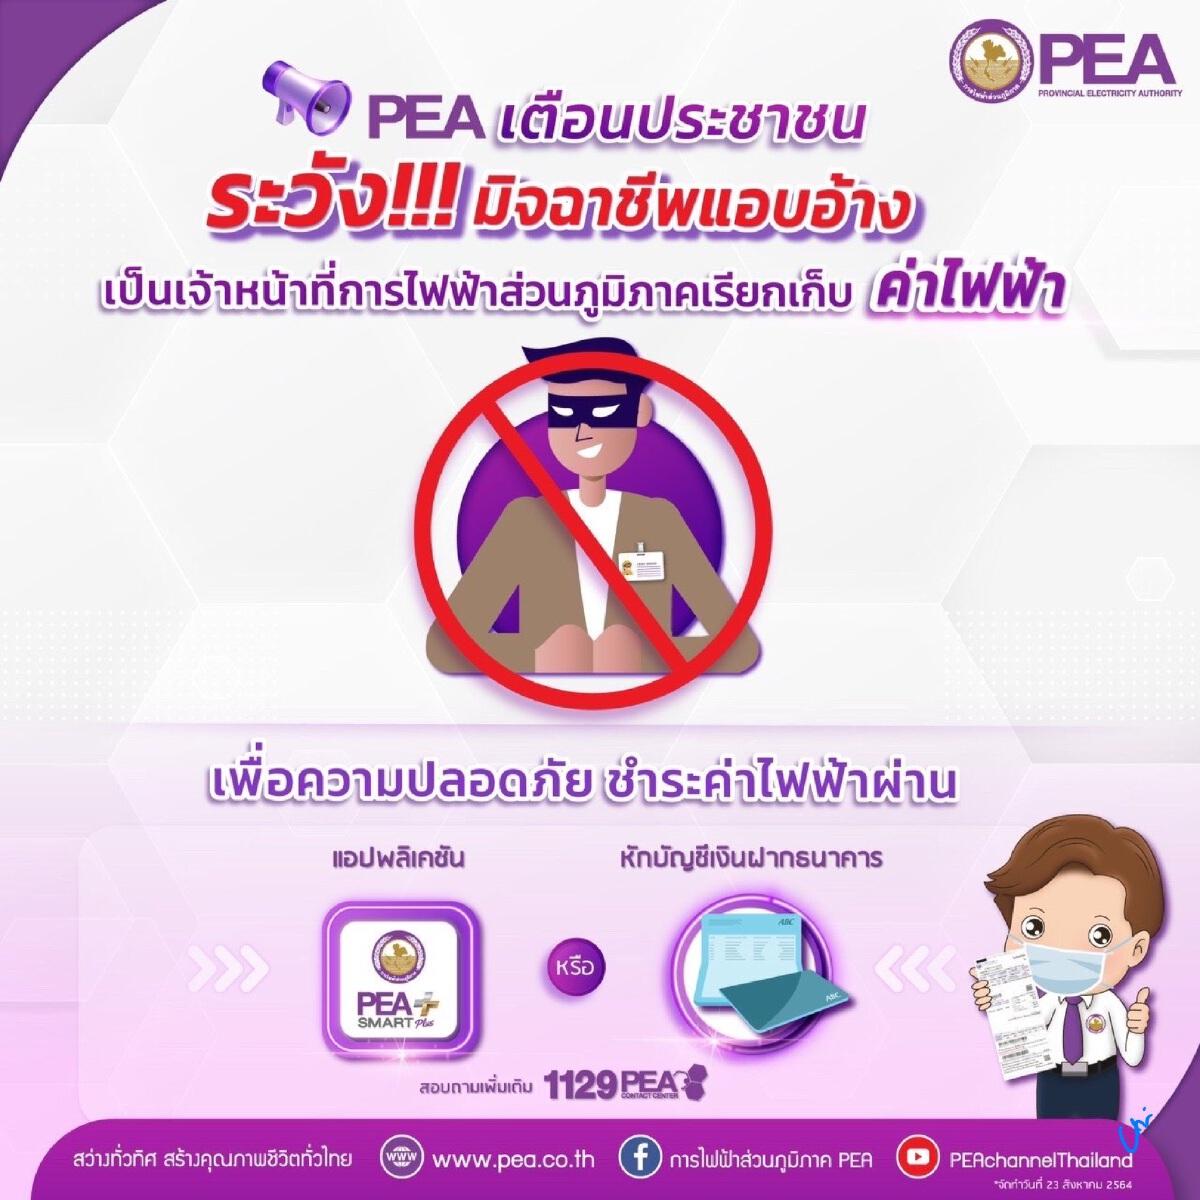 PEA เตือนระวังกลุ่มมิจฉาชีพ แอบอ้างเป็นเจ้าหน้าที่การไฟฟ้าส่วนภูมิภาค